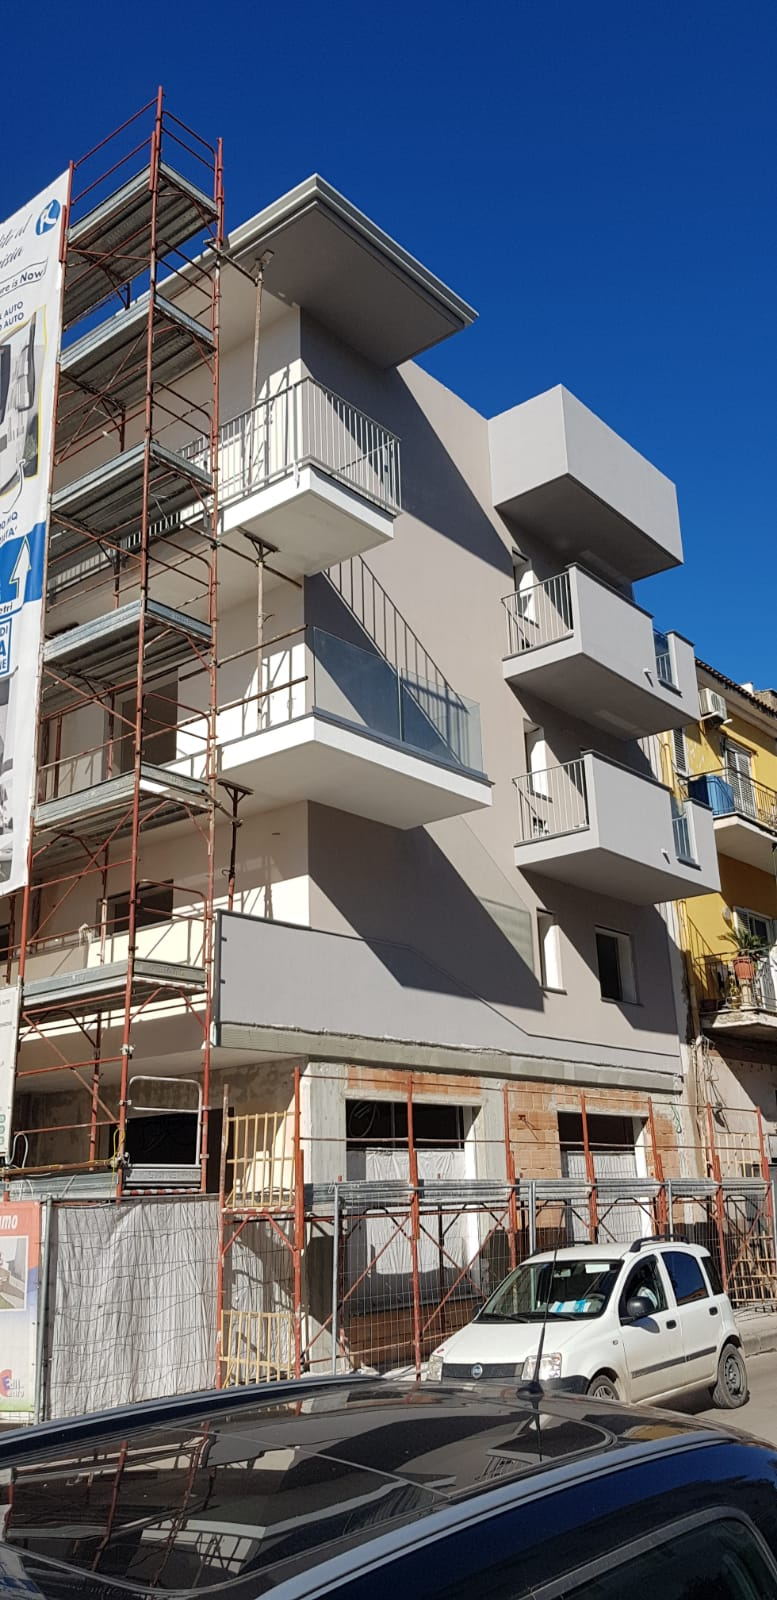 Attività / Licenza in vendita a Marigliano, 1 locali, prezzo € 245.000 | CambioCasa.it